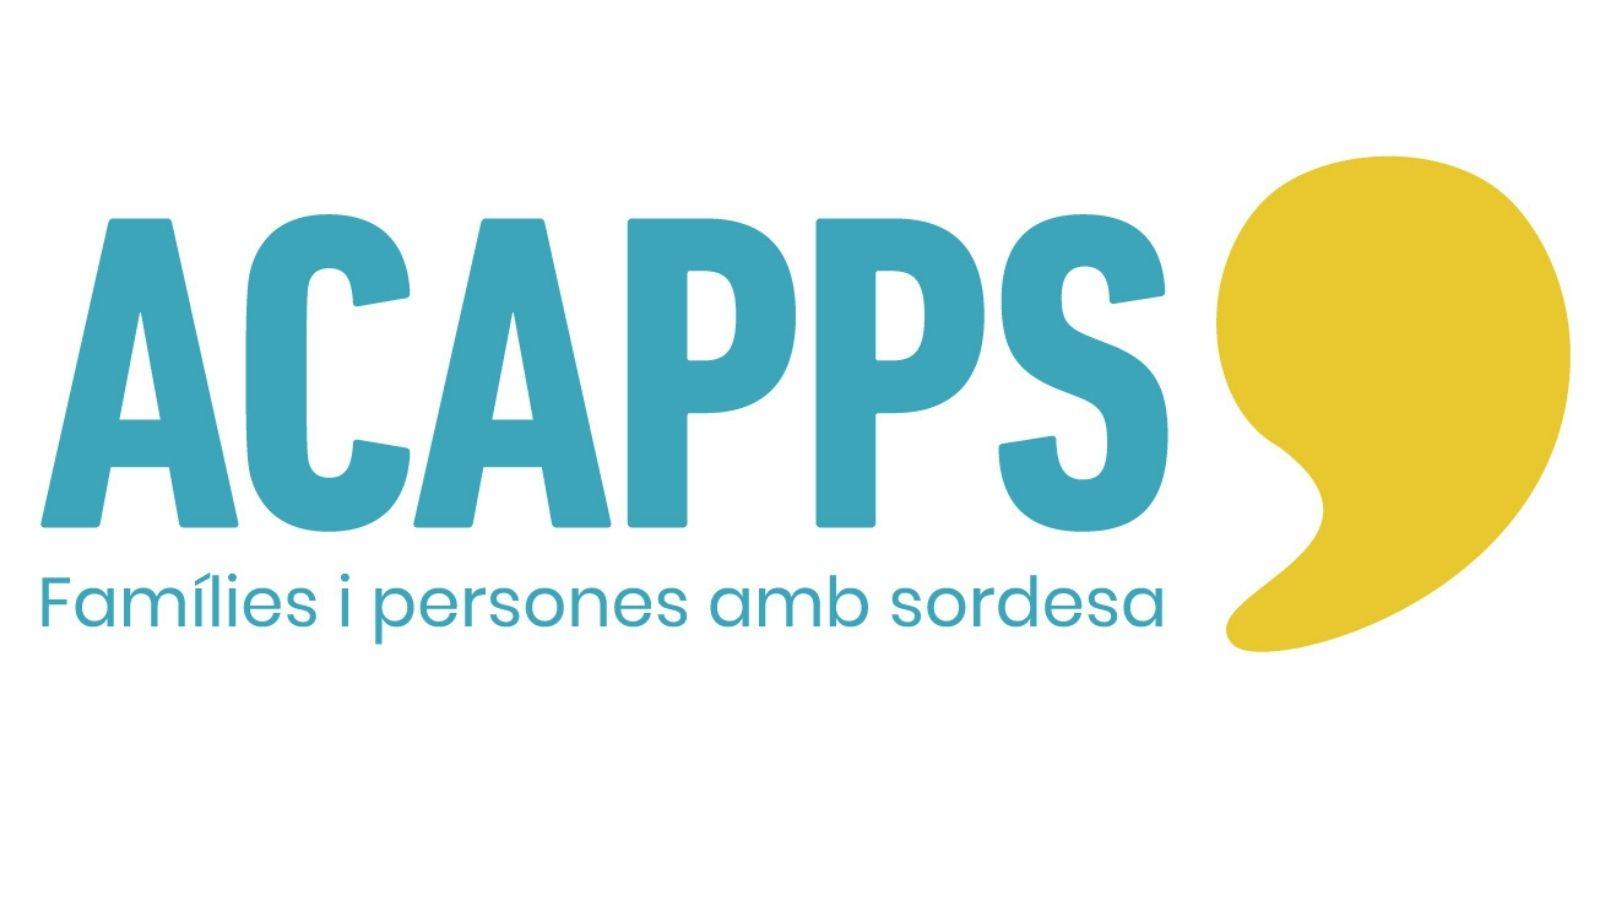 Nou logotip d'ACAPPS! Ens definim com el que som: famílies i persones amb sordesa que es comuniquen en llengua oral.